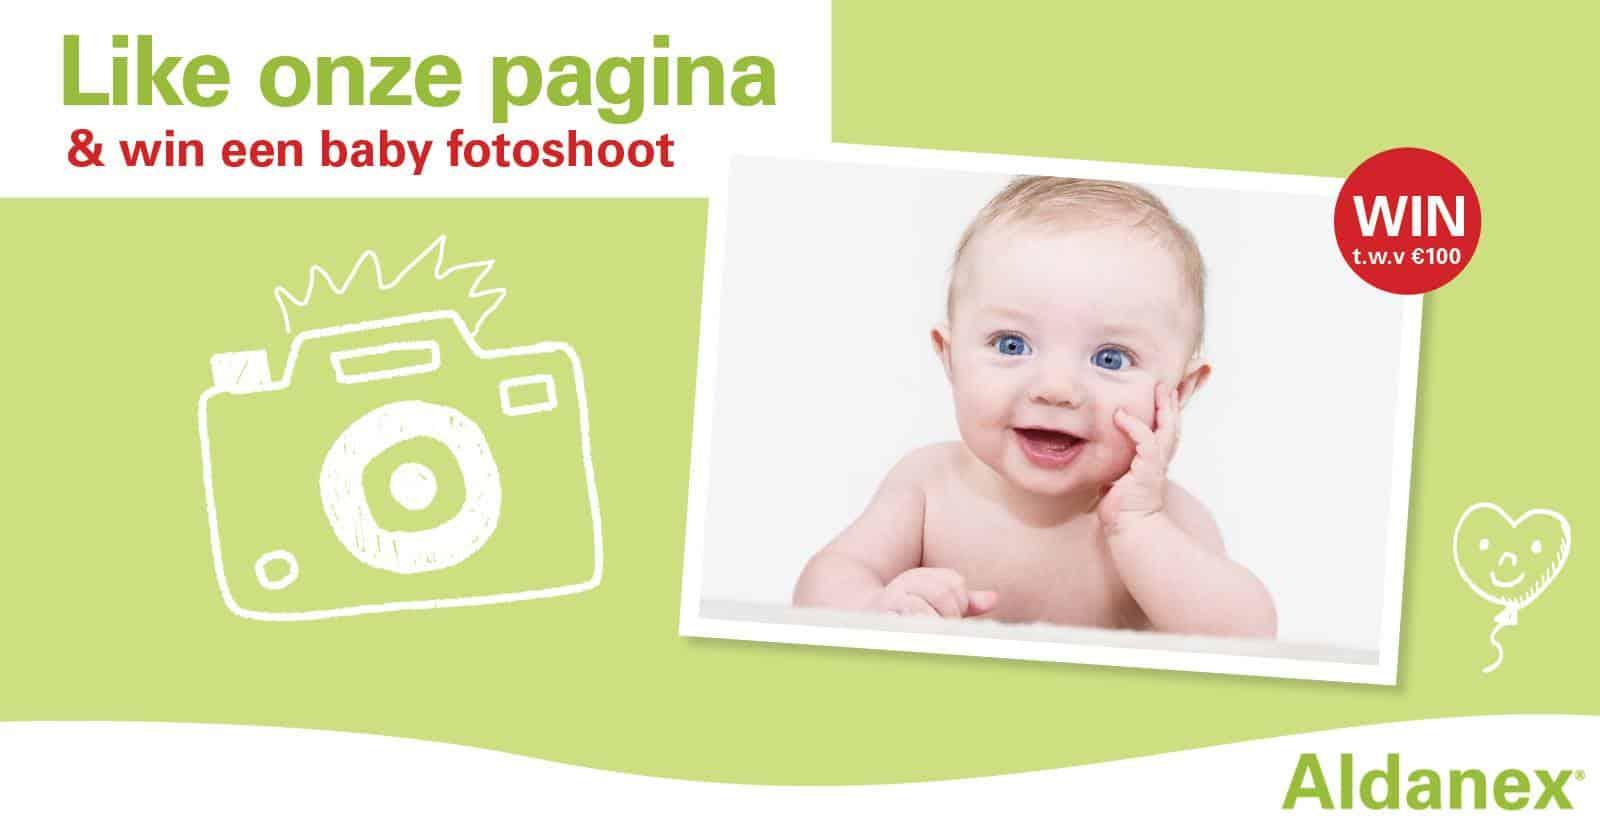 win een baby fotoshoot - aldanex